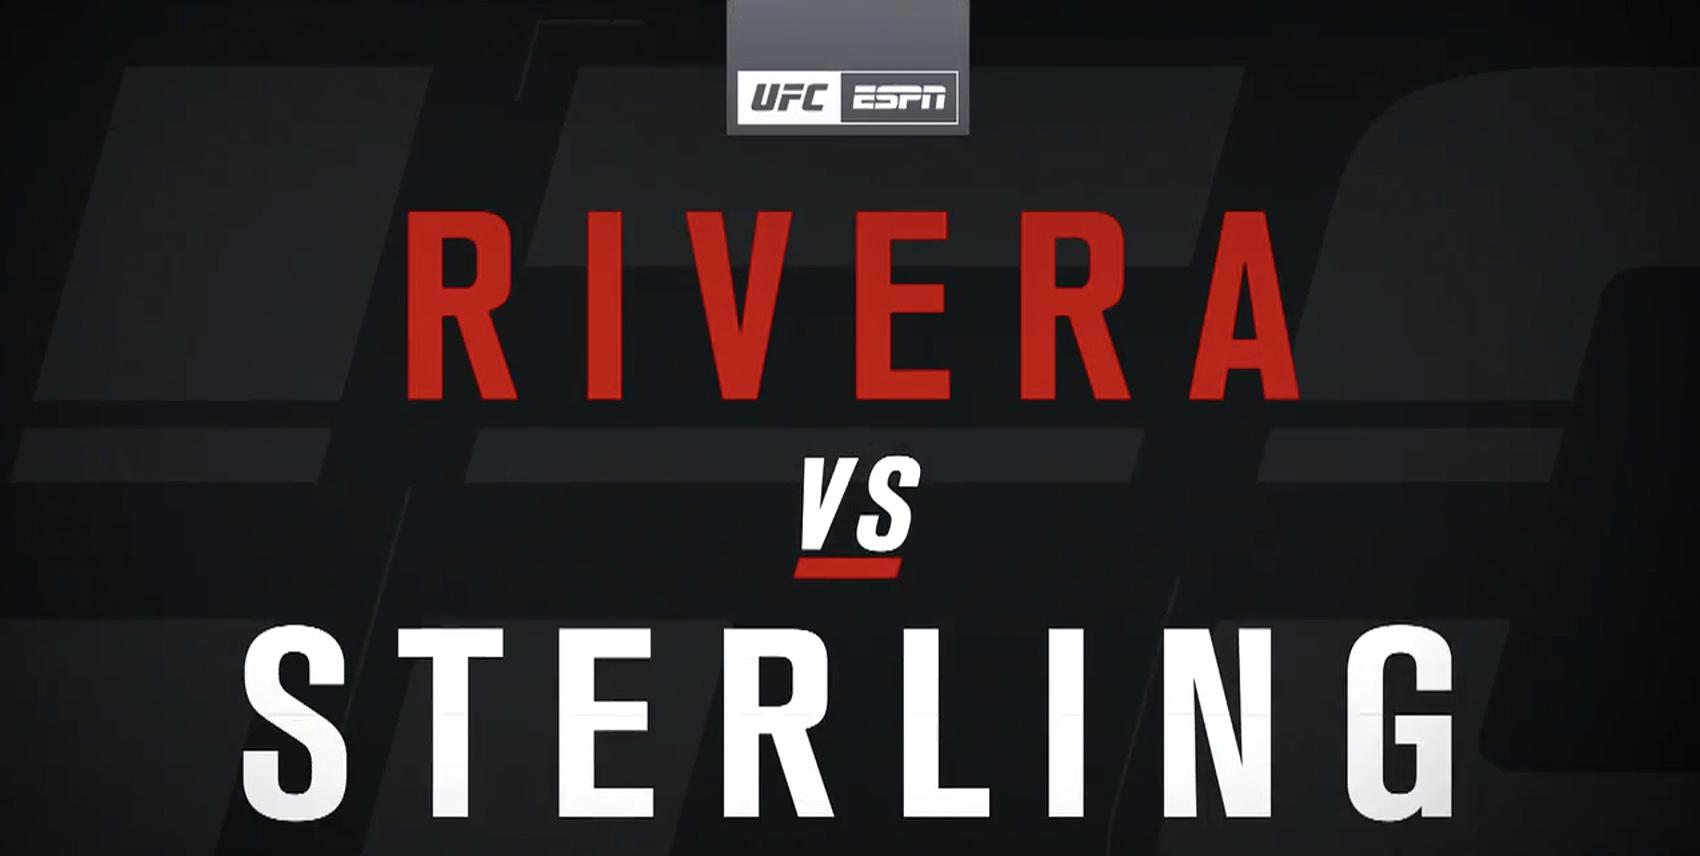 NCS_UFC-ESPN_0016